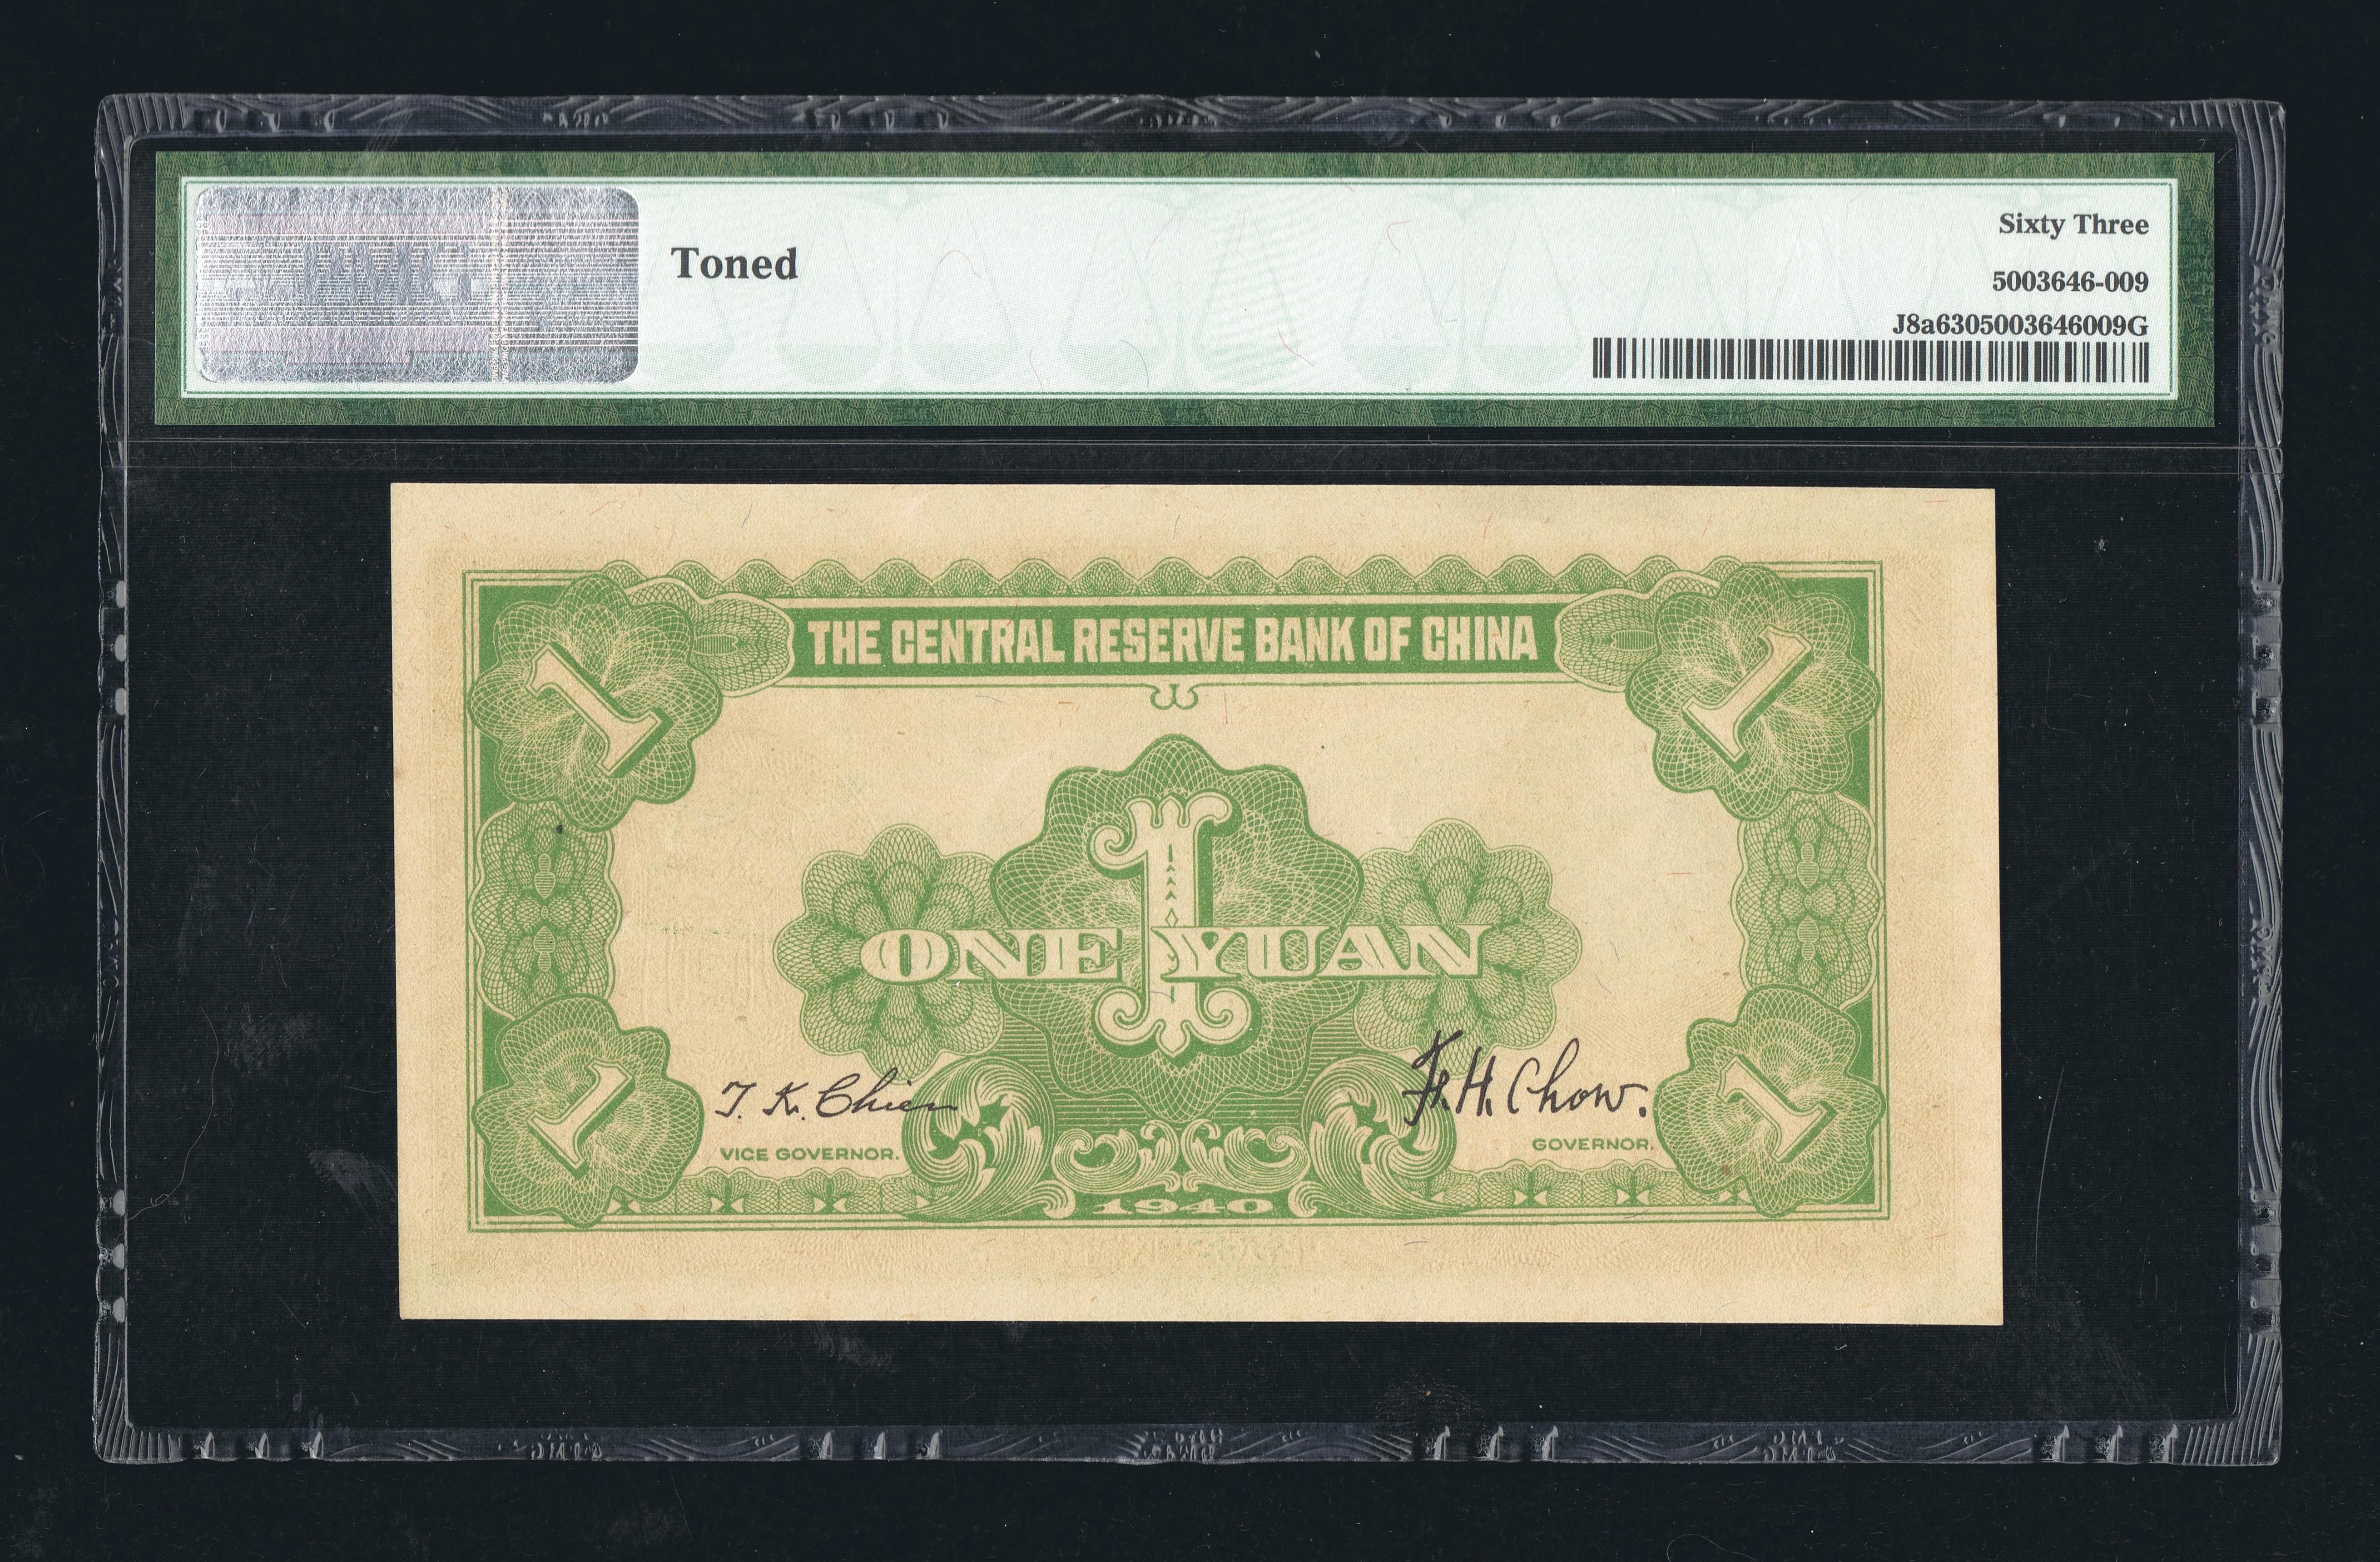 china1940 (4 of 4).jpg